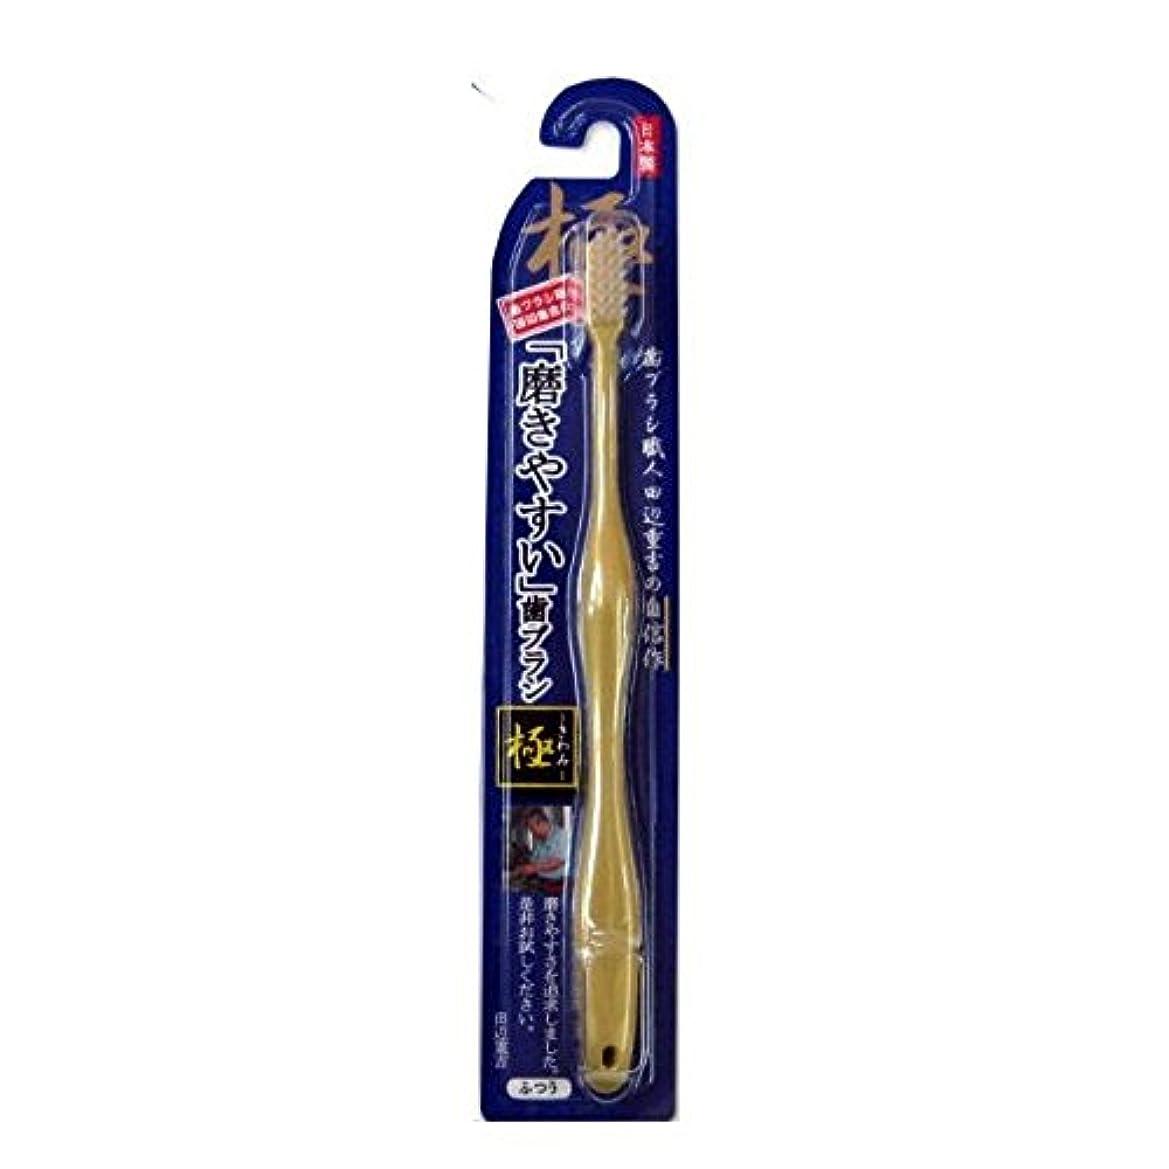 セーブインシデント贅沢磨きやすい歯ブラシ極 LT-09